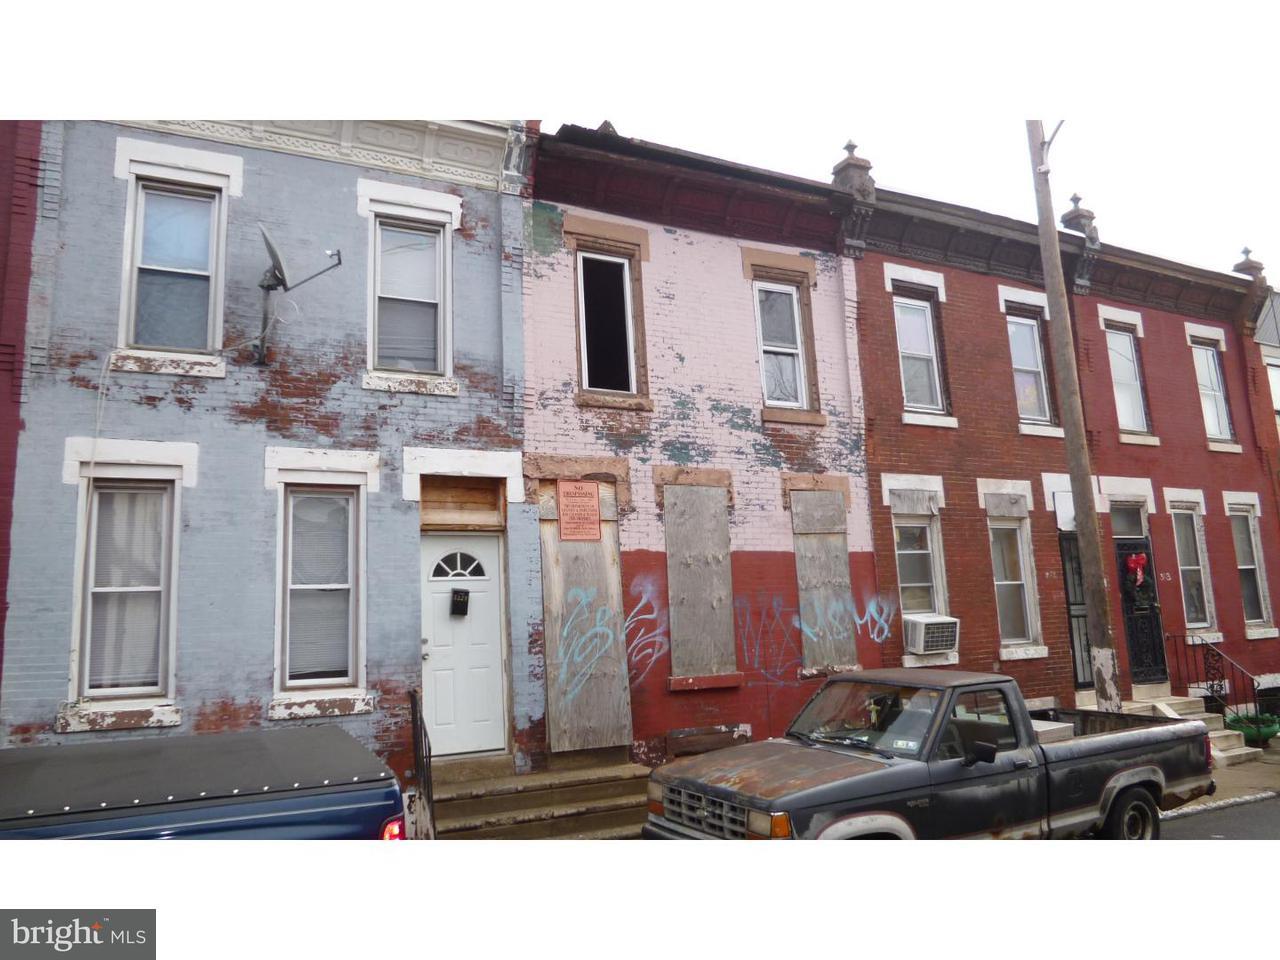 3117 N Bancroft Philadelphia , PA 19132